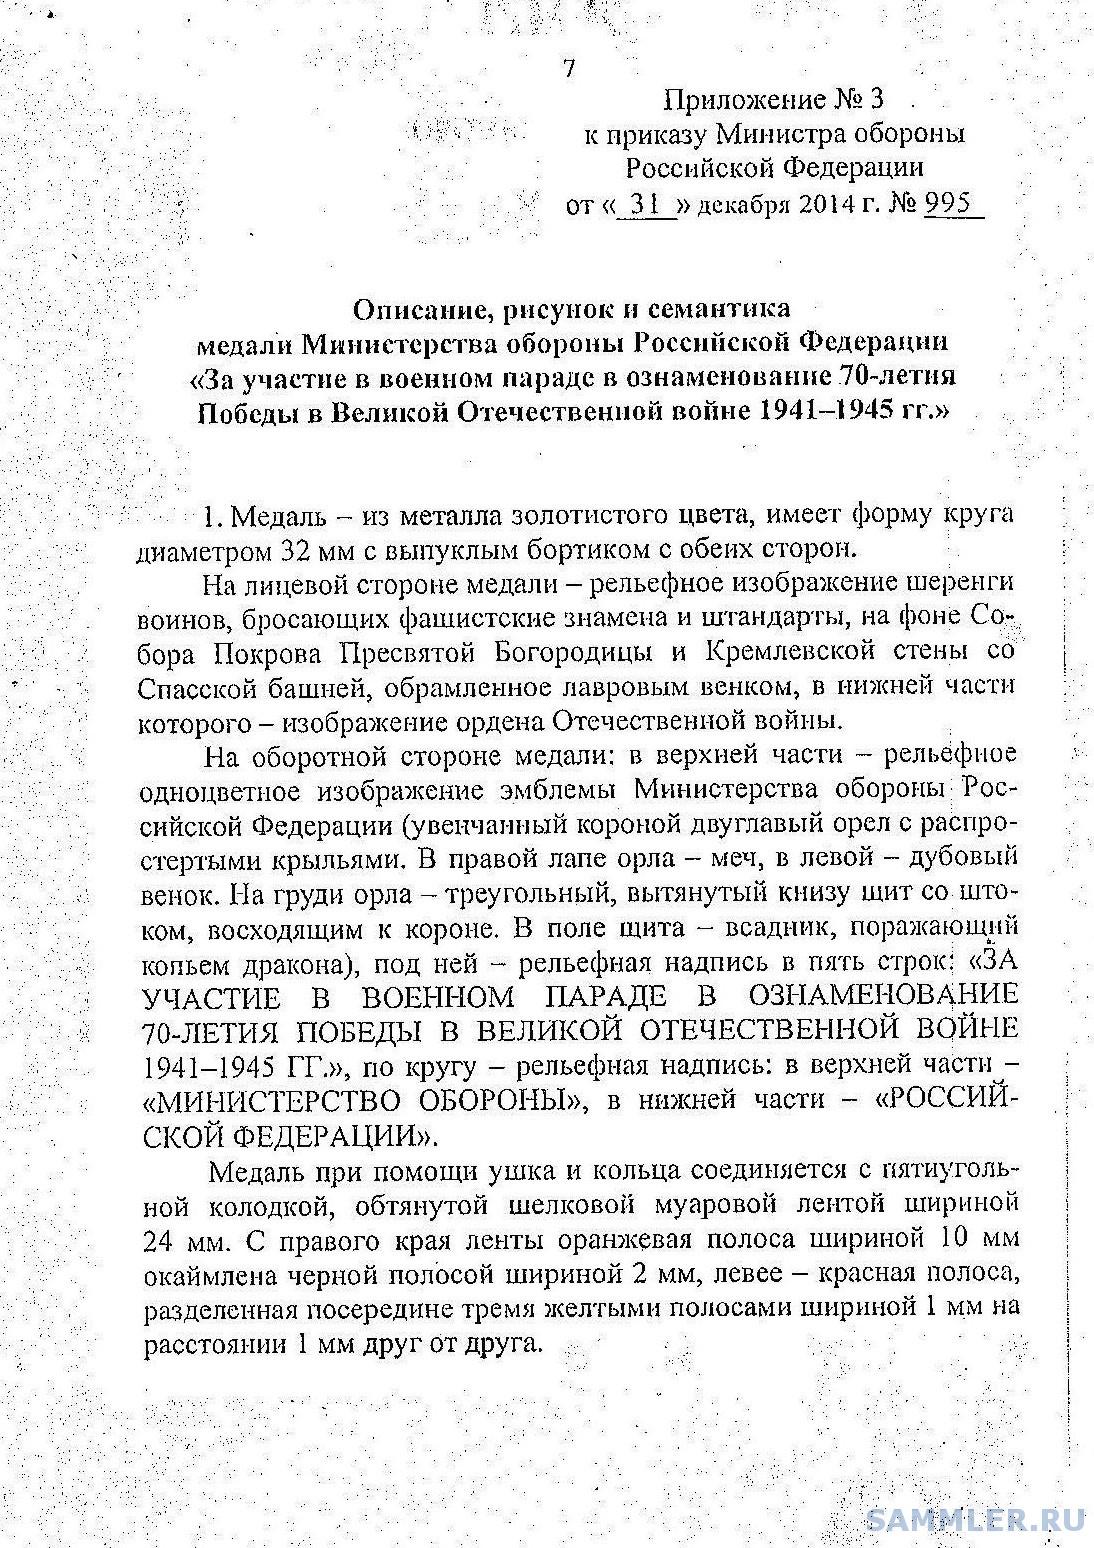 70-7.jpg